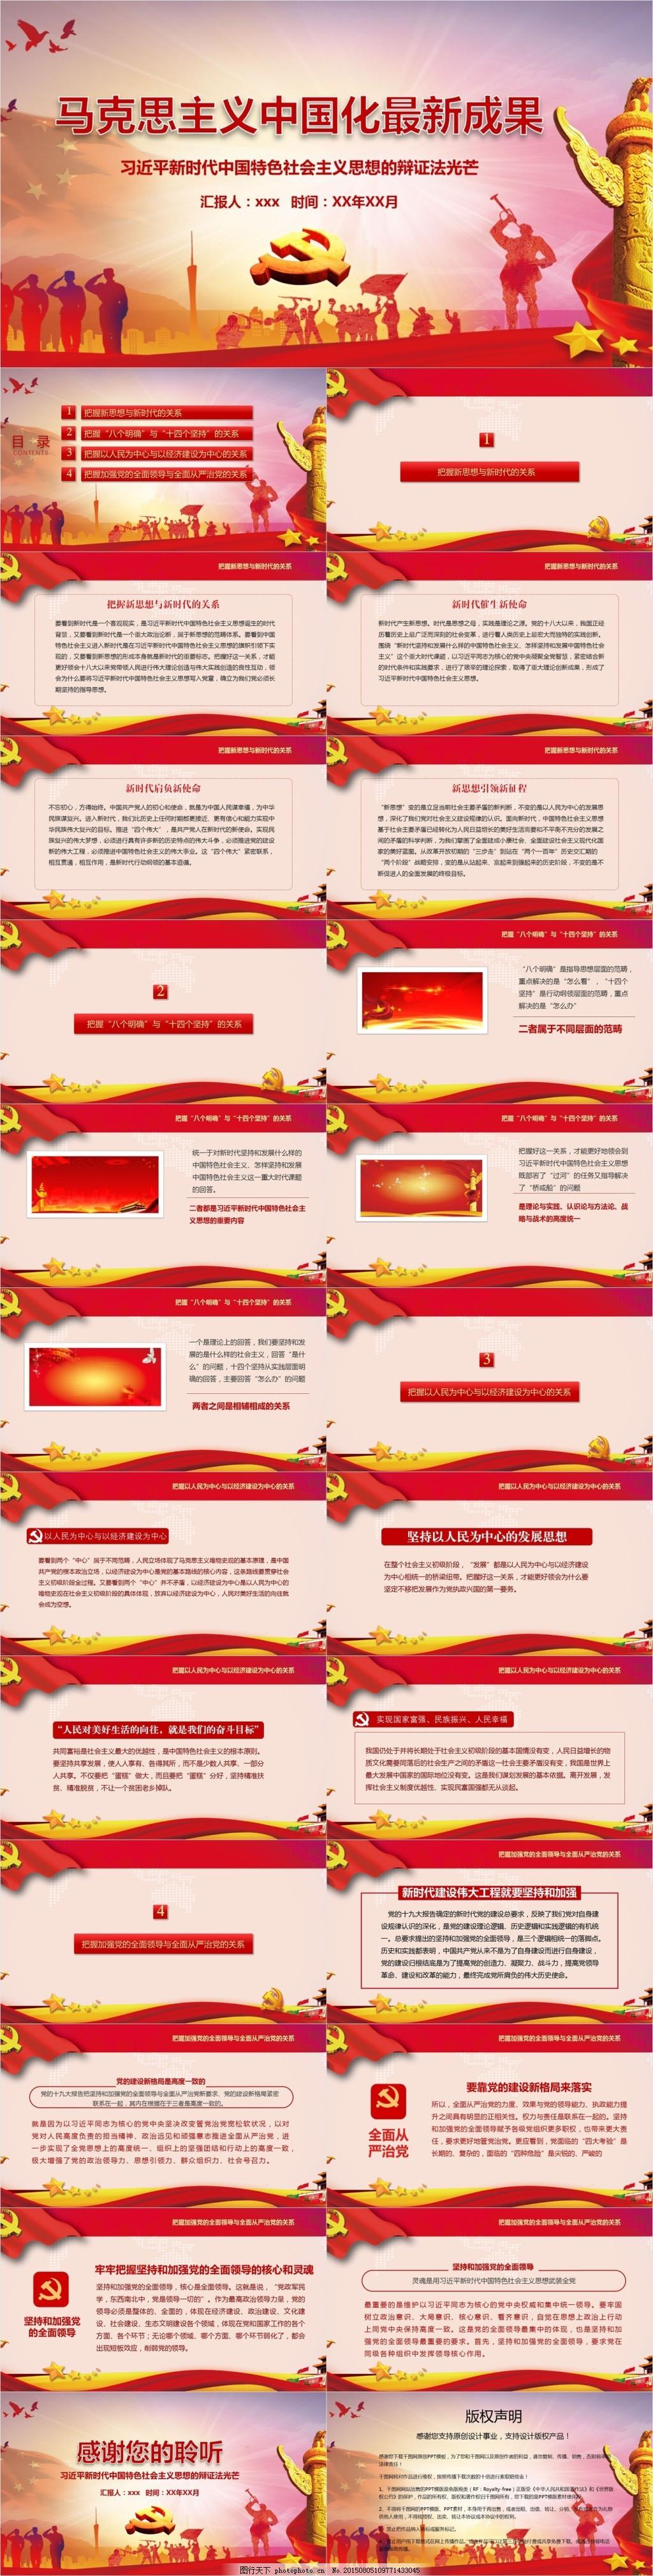 新时代中国特色社会主义思想PPT模板范本,ppt,八个明确,从严治党,马克思主义中国化,十四个坚持,指导思想